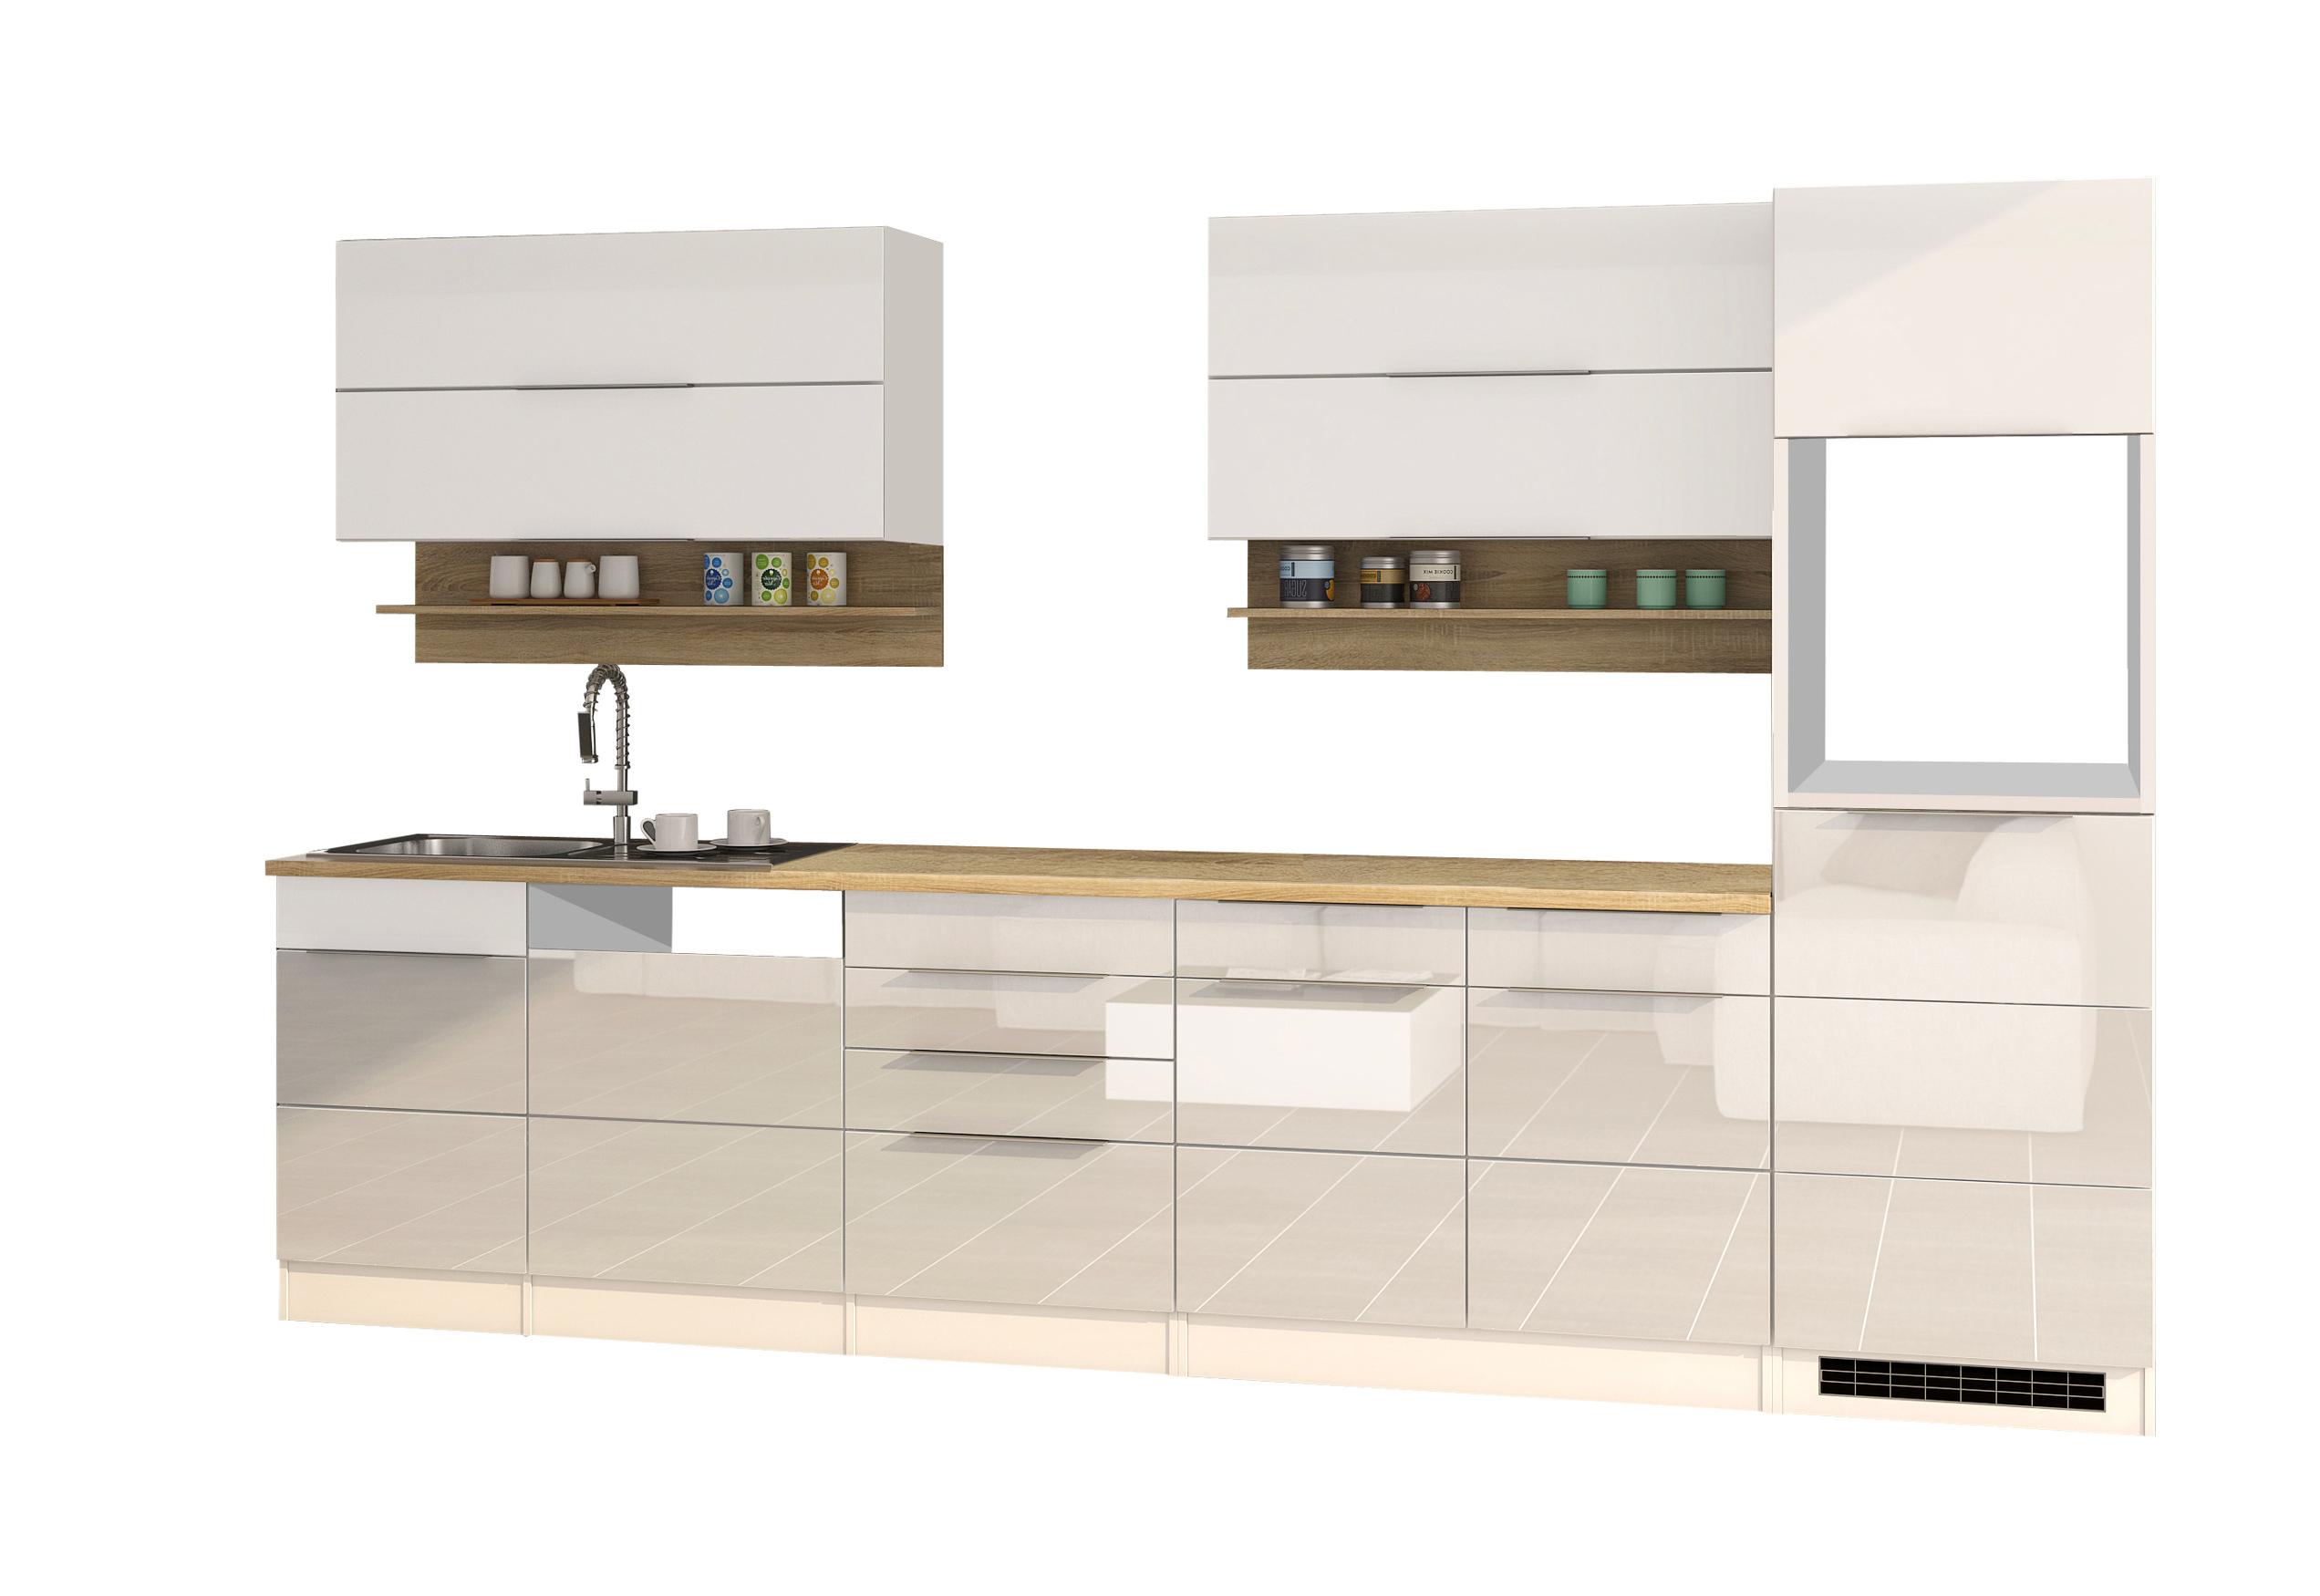 Full Size of Komplettküche Mit Geräten Komplettküche Kaufen Miele Komplettküche Willhaben Komplettküche Küche Einbauküche Ohne Kühlschrank